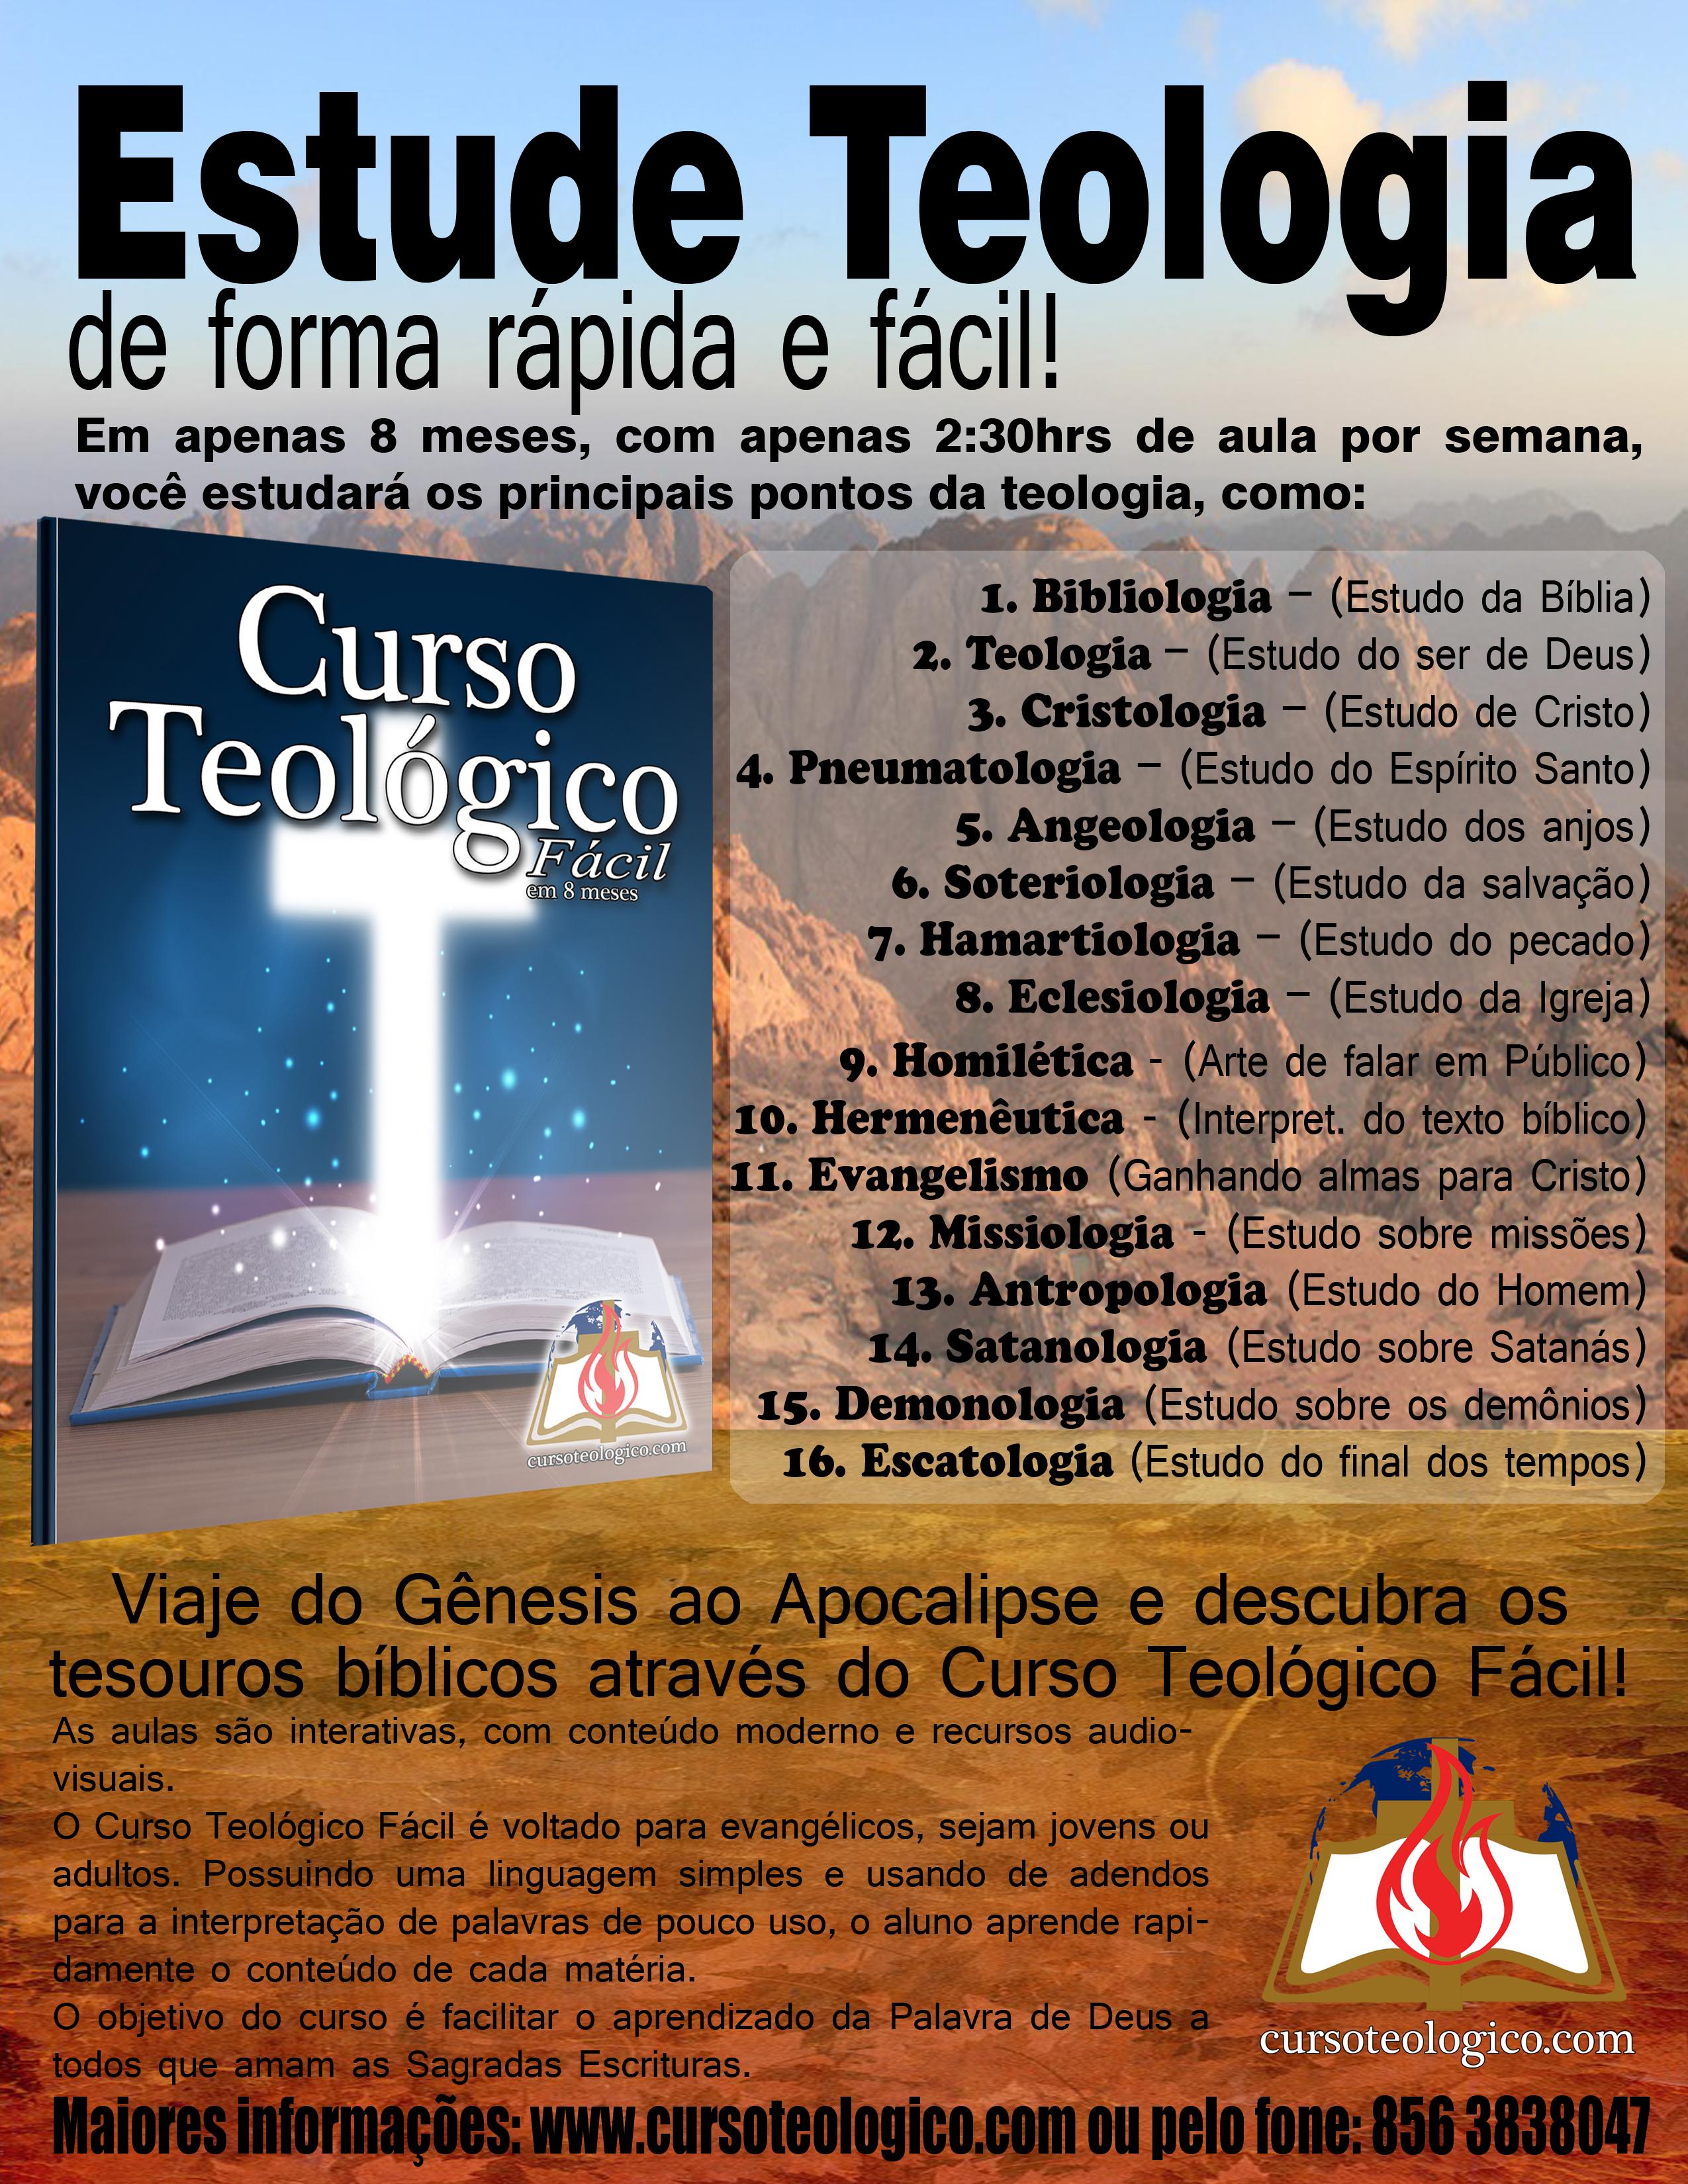 Curso Teológico Fácil - Angeologia I e II - Soteriologia e Hamartiologia